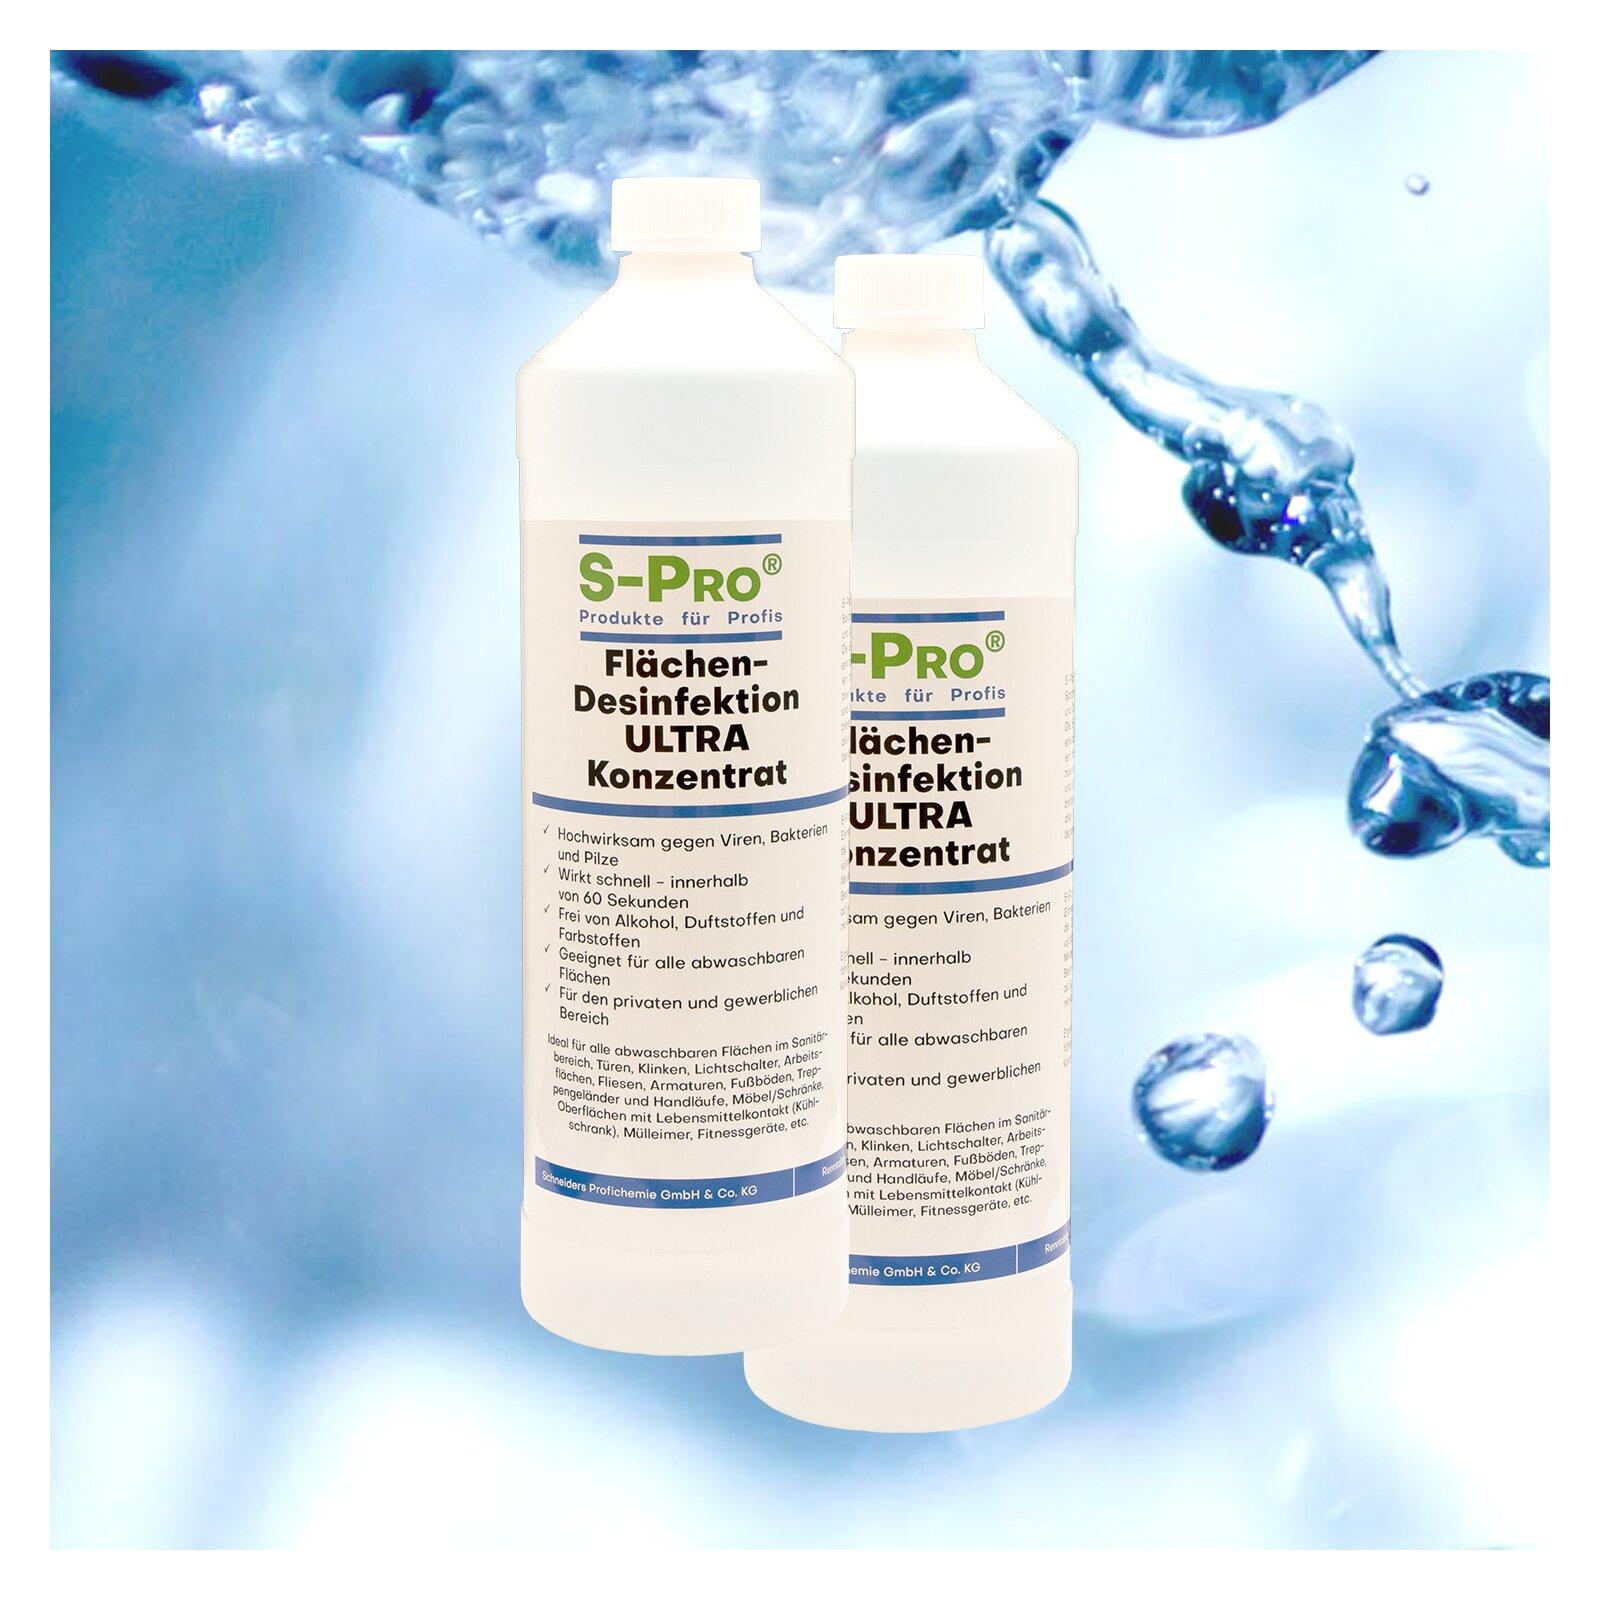 SPro Flächendesinfektion ULTRA Konzentrat 2 x 1 Liter Flasche